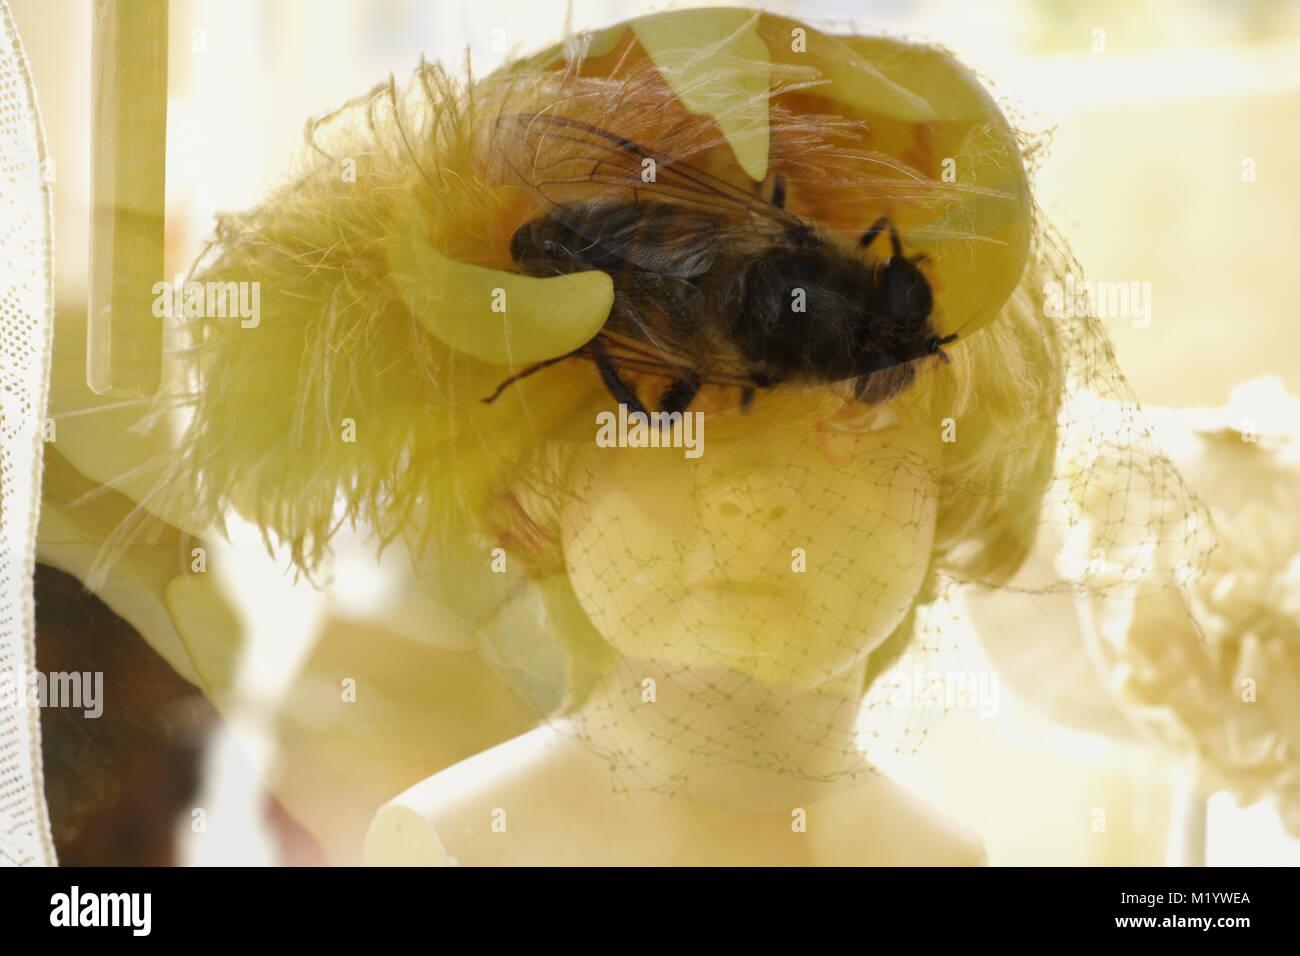 Doble exposición de muñecas con cabeza de insecto Imagen De Stock